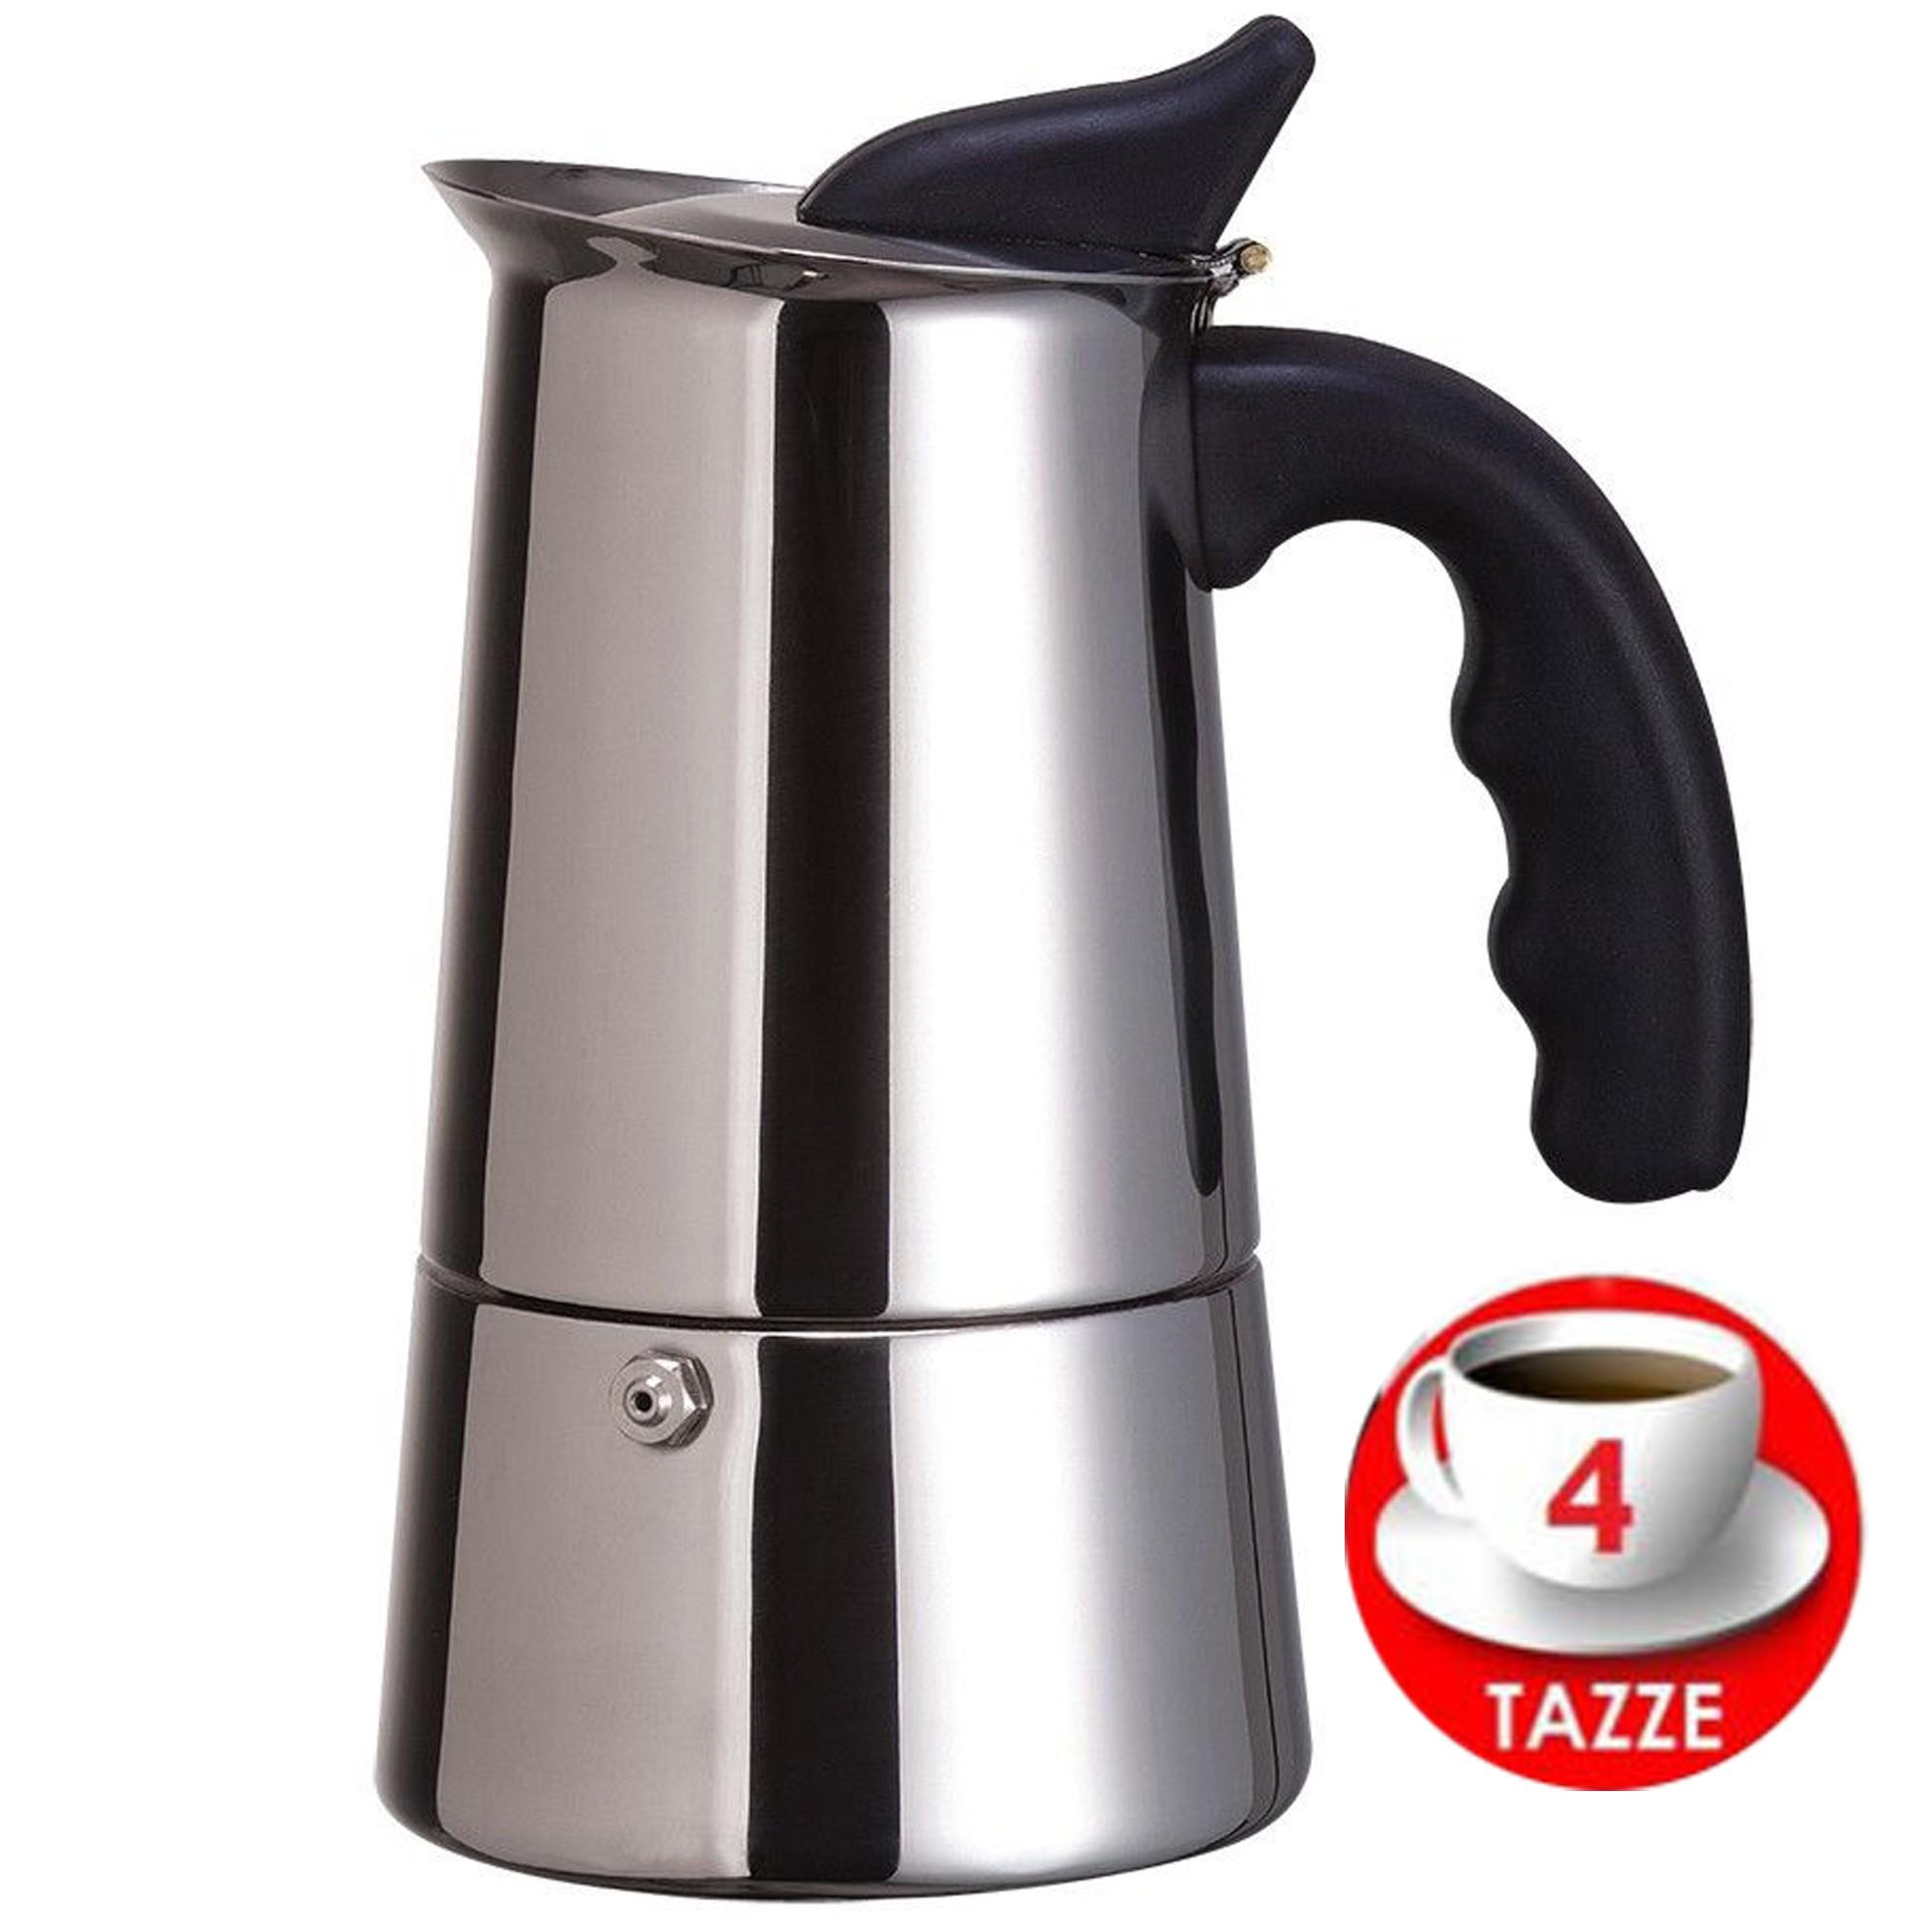 CAFFETTIERA CAFFE CAFFè ESPRESSO MAKER 1 2 3 TAZZE TOGNANA CAFFE/' NAPOLETANO CAS